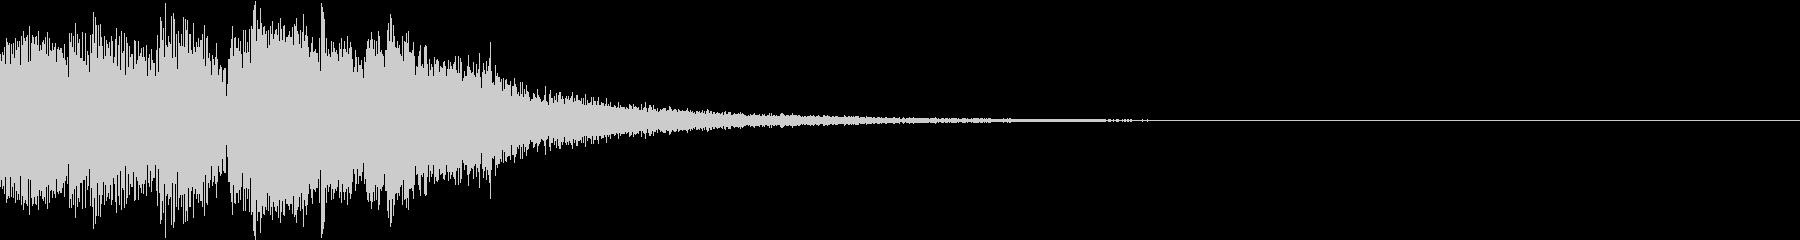 決定 アイコン 出現 表示  レベル Eの未再生の波形